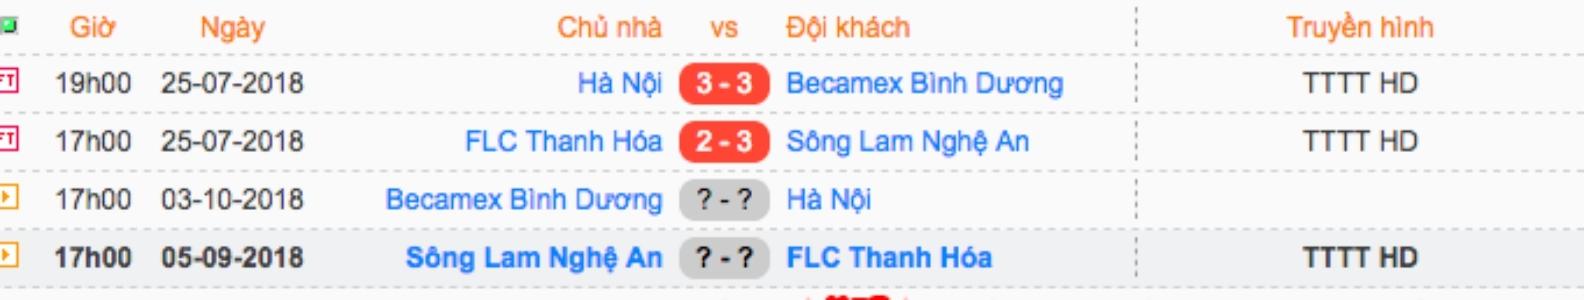 Bán kết Cúp QG, SLNA vs FLC Thanh Hoá: Cơ hội cuối